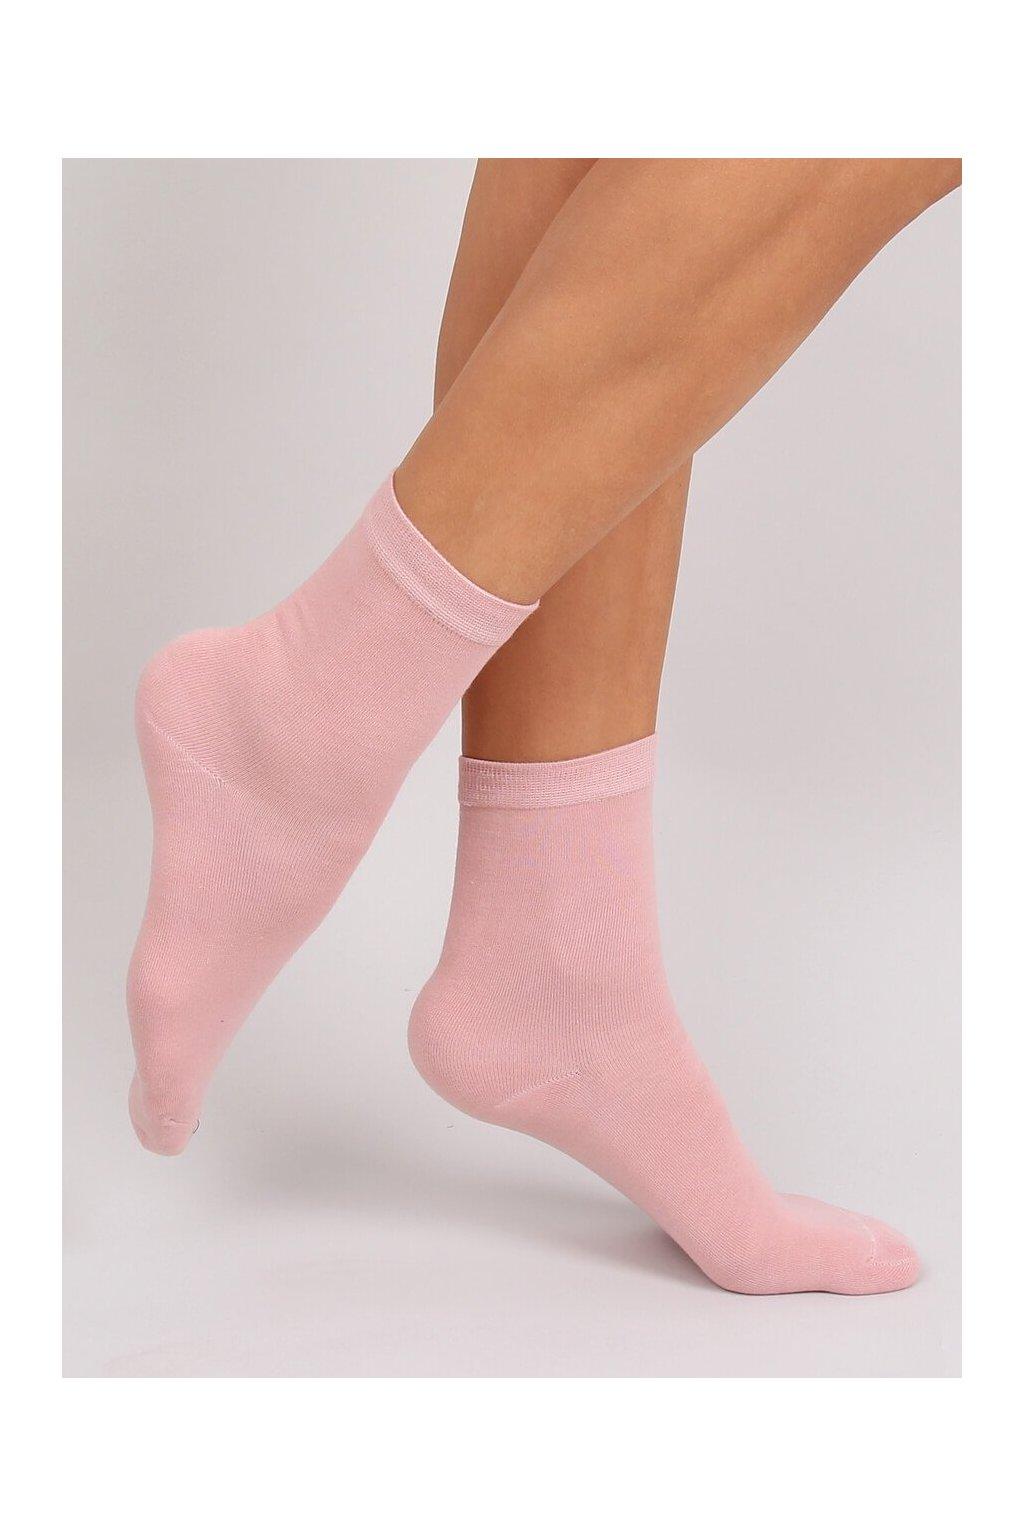 Damske ponožky ružové SK-NX8512